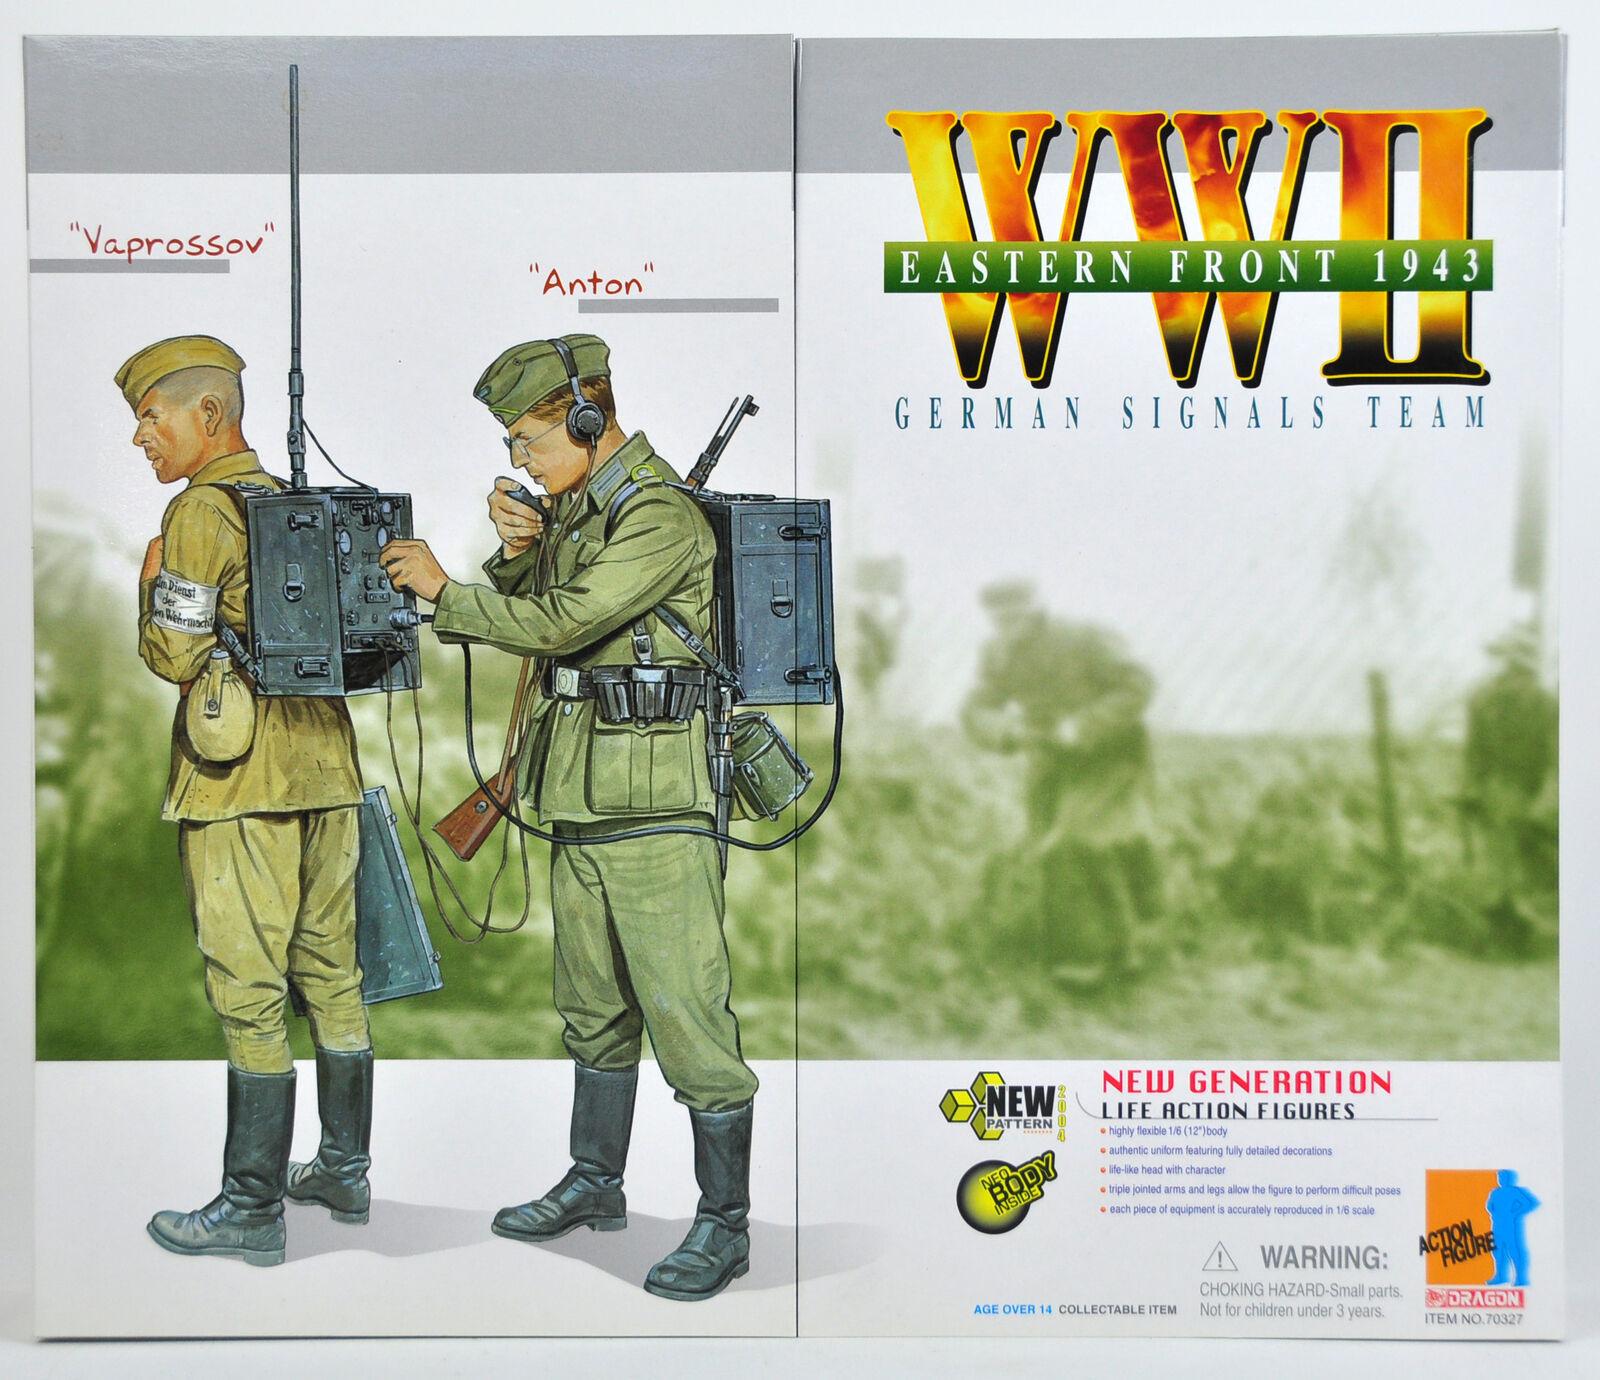 drake Action Figur WWII tyska signaler Team 1 6 skala 32707 Radio Dubbeluppsättning